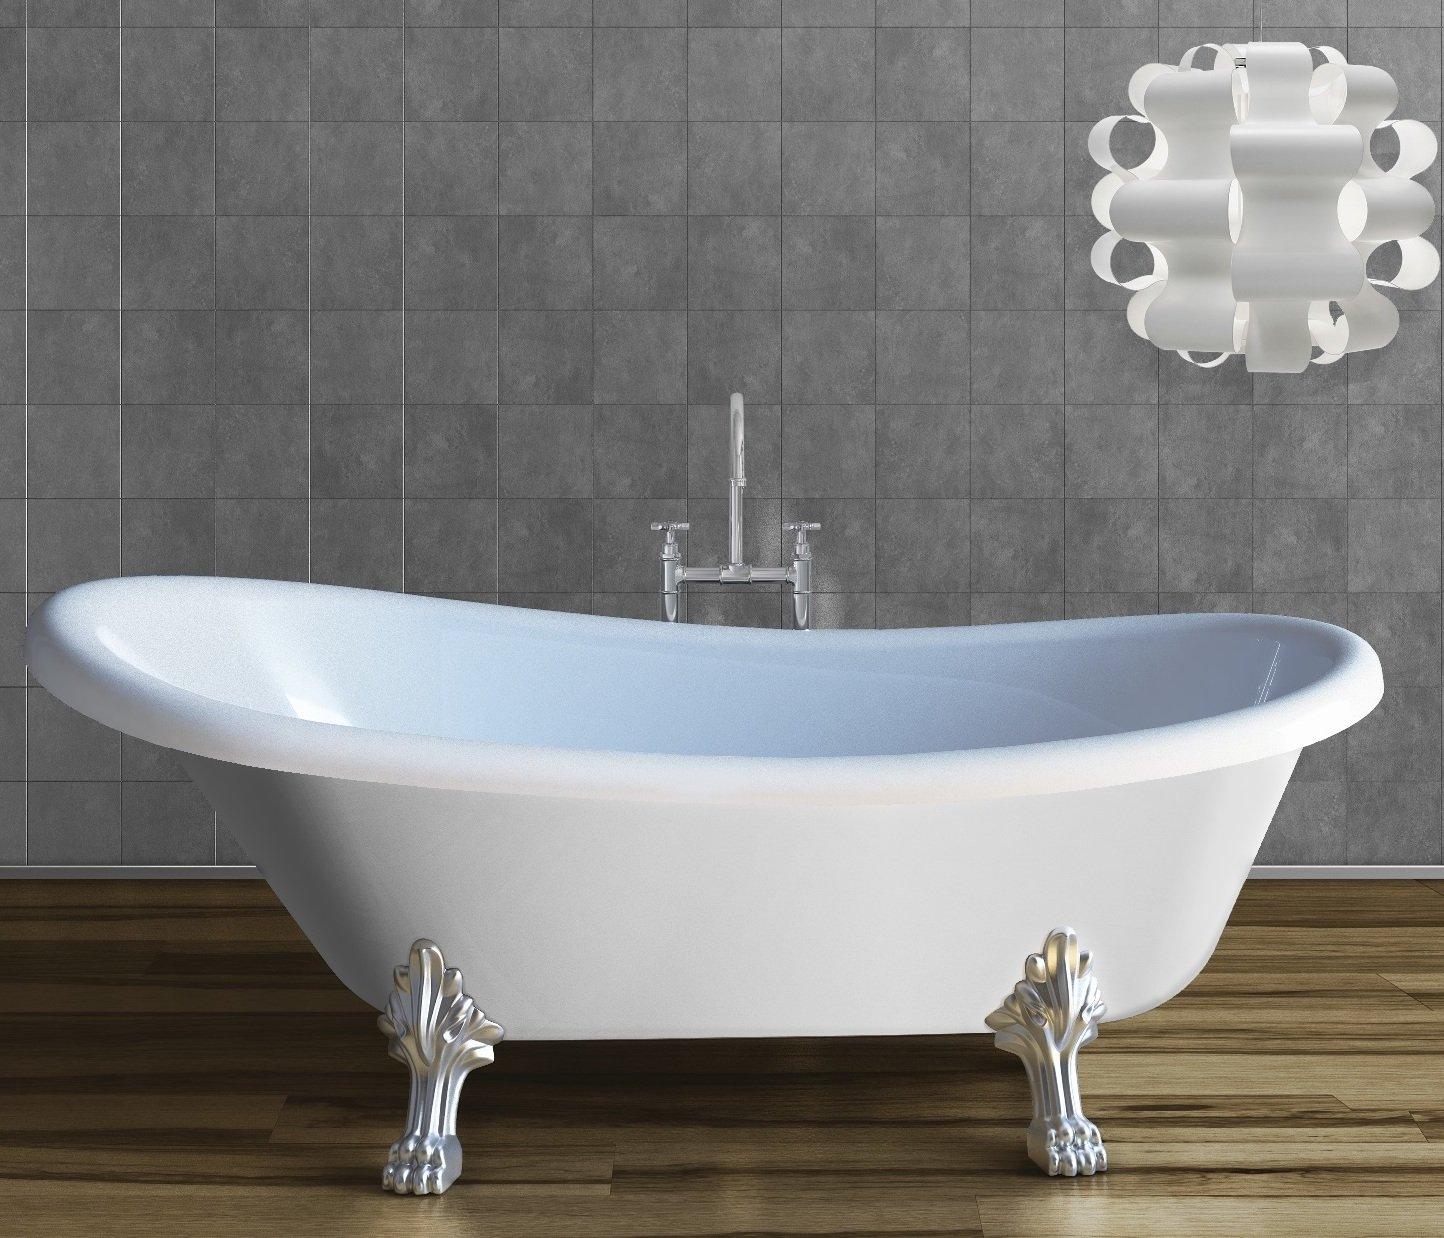 Foto di vasche docce e vasche in ghisa foto with foto di - Vasche da bagno in pietra ...